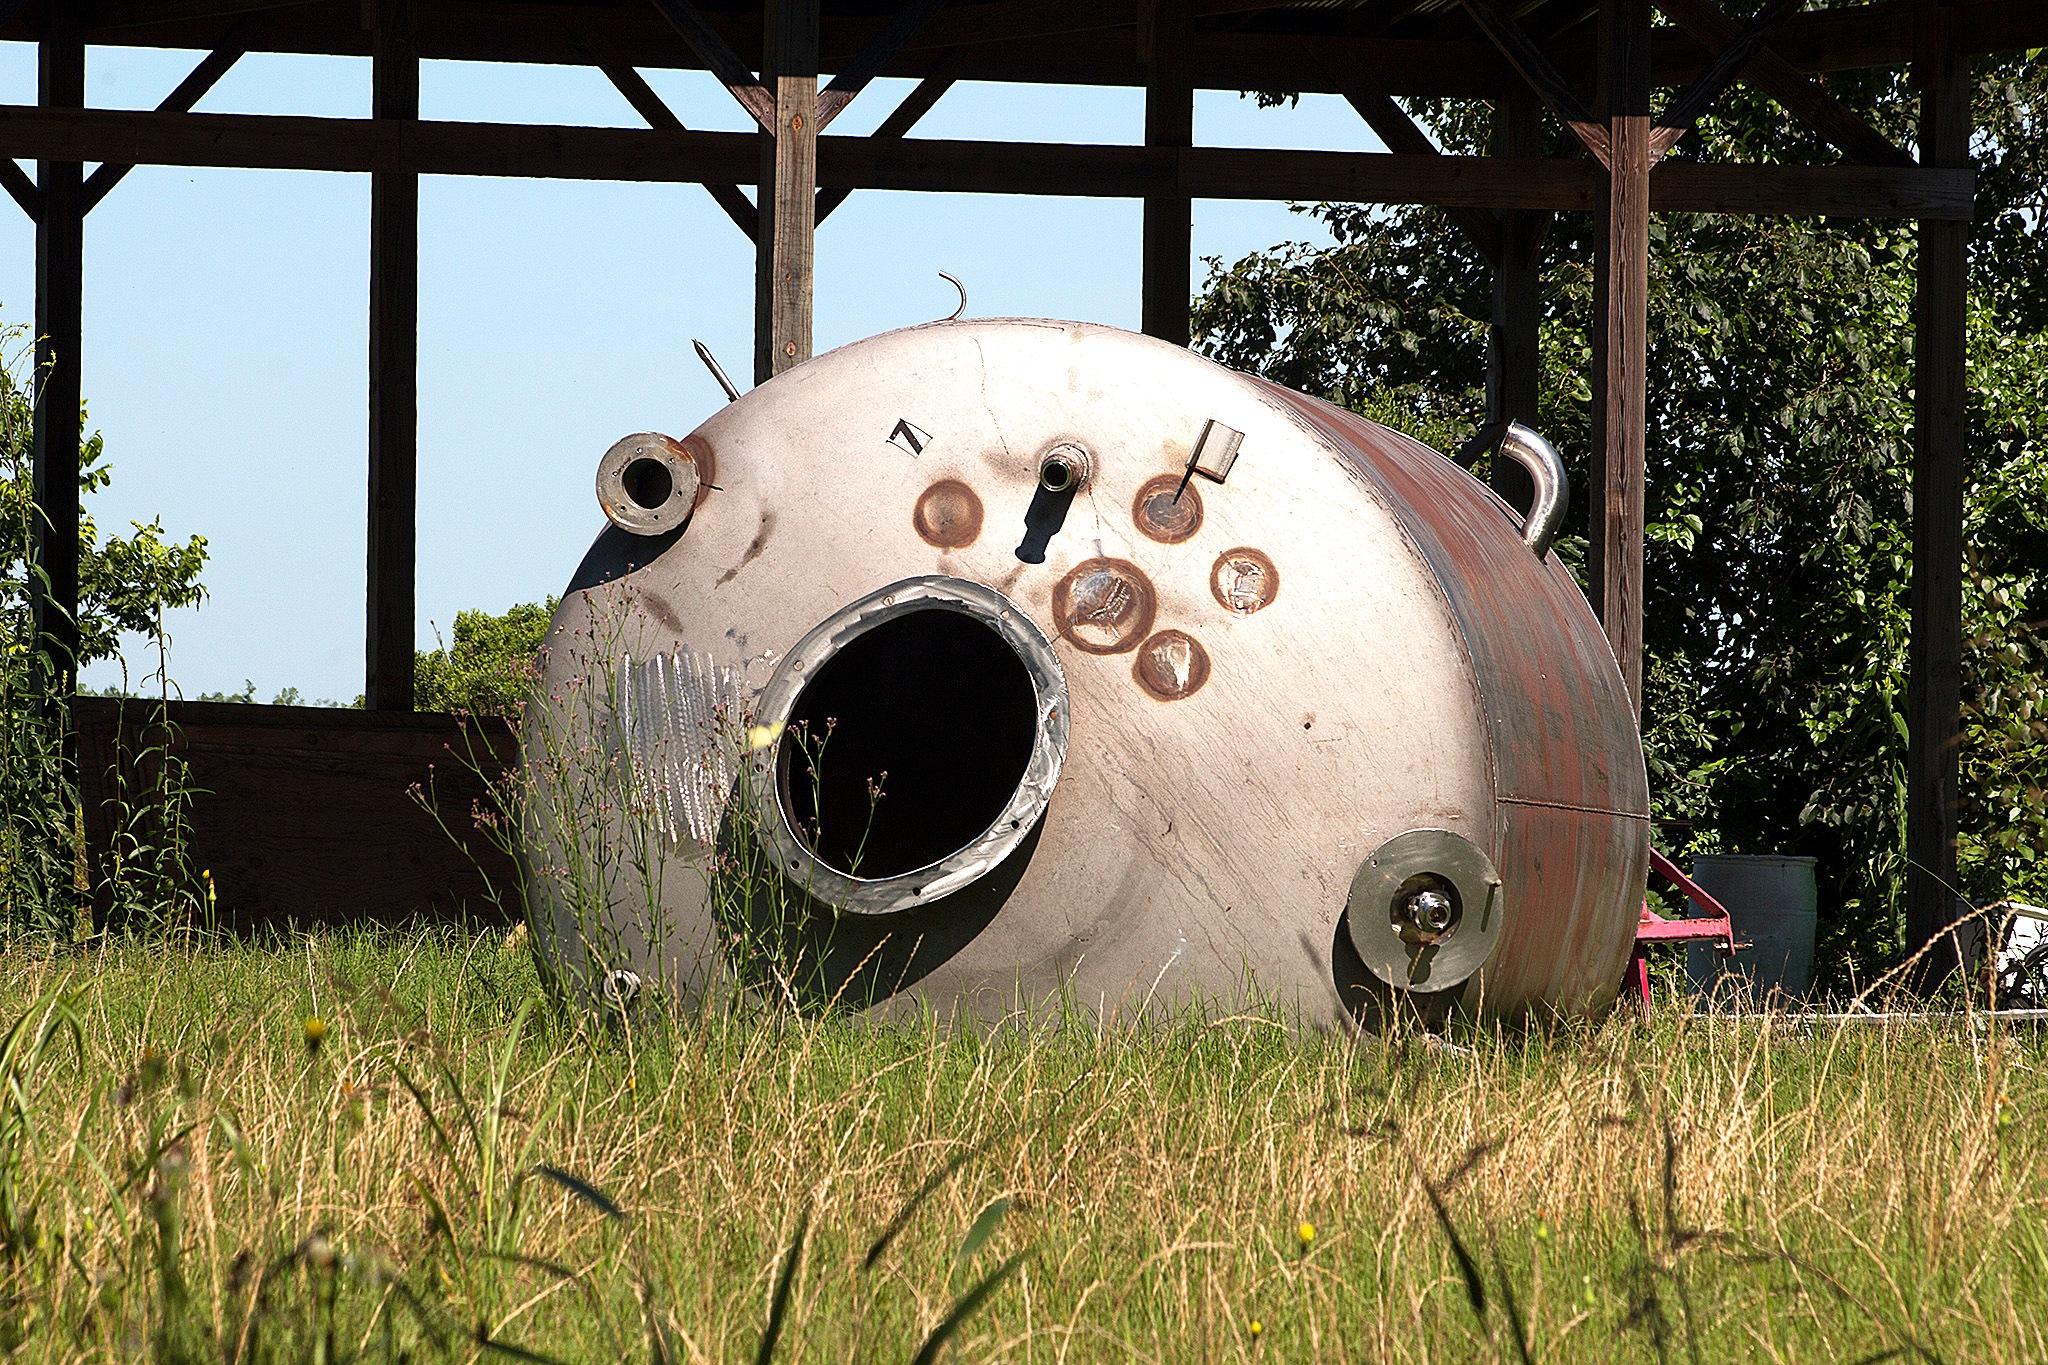 Alien Spacecraft by Joe Seawright